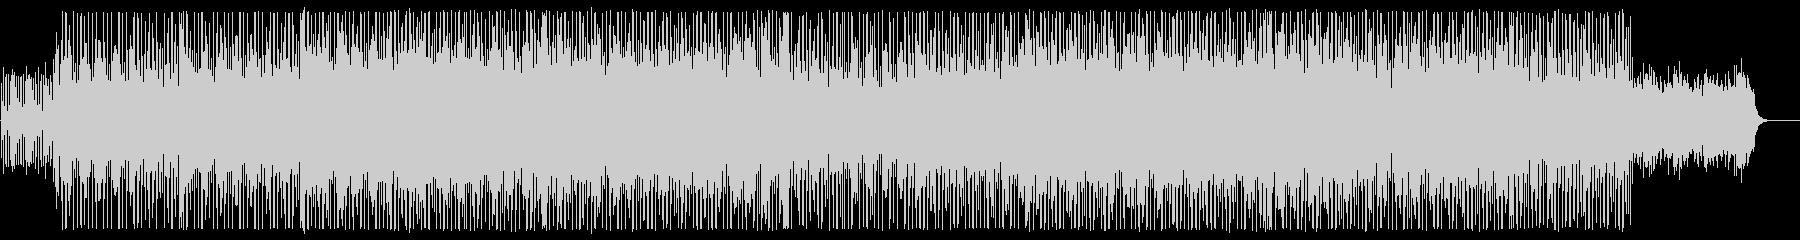 リズミカルでミディアムテンポなサウンドの未再生の波形